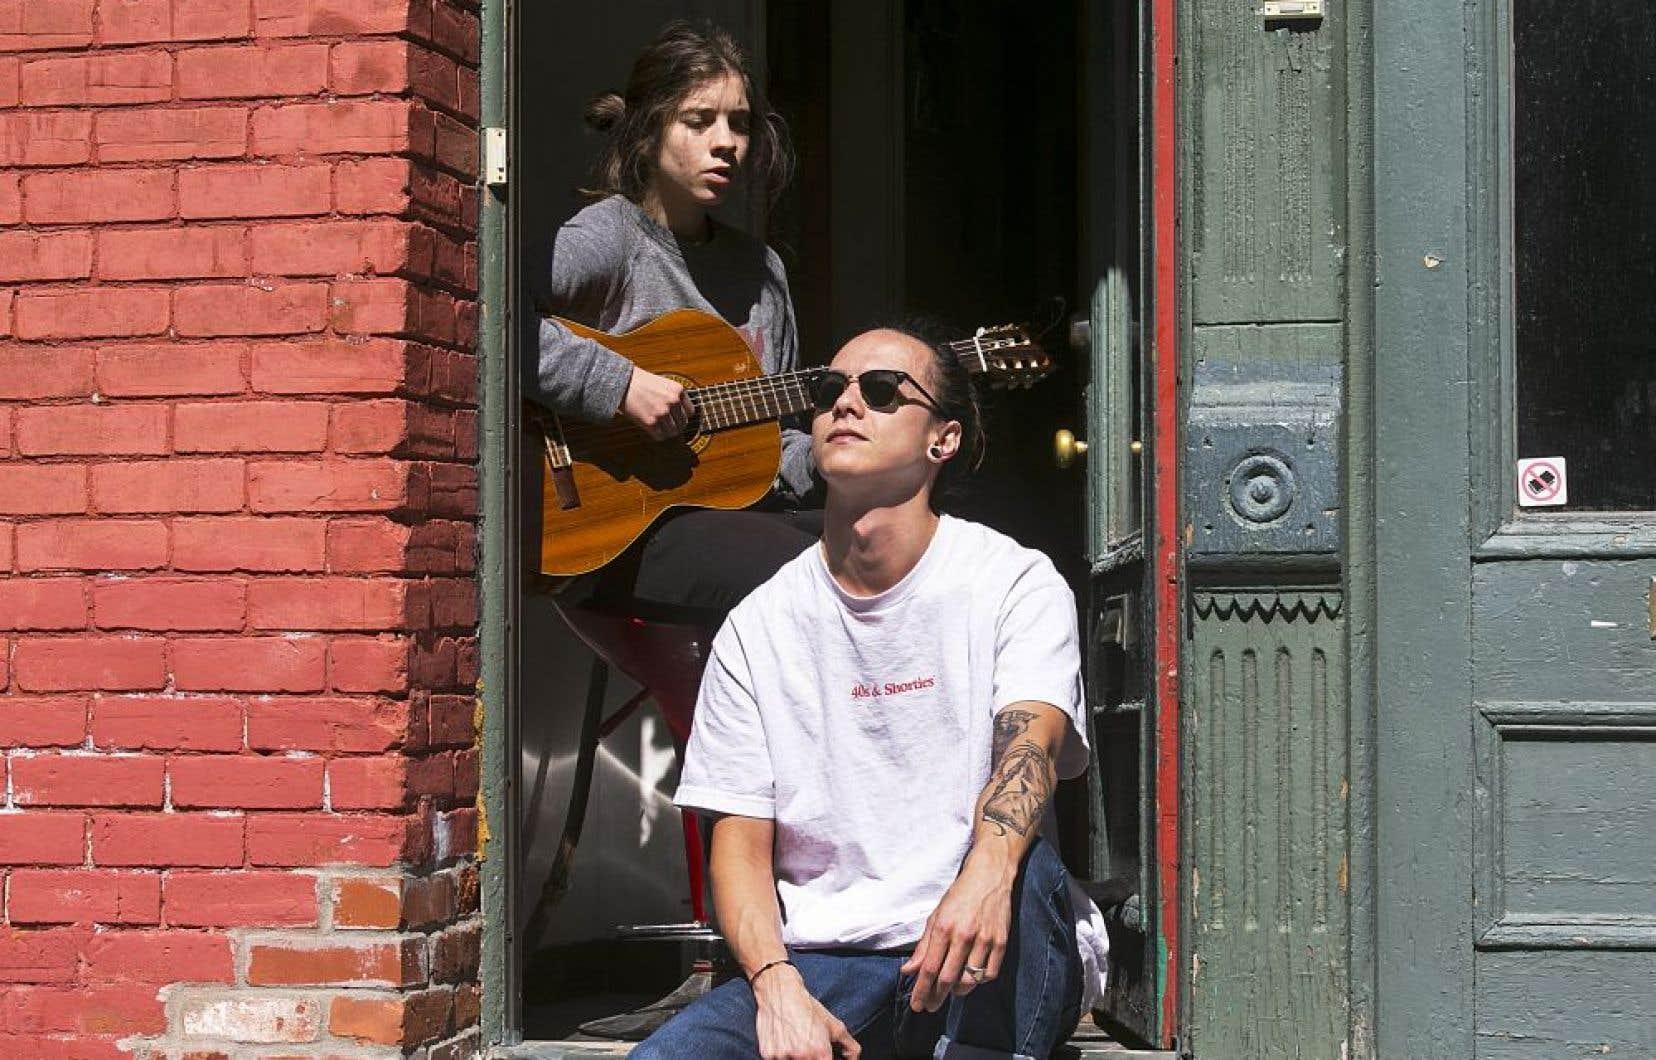 La musique aide à traverser les crises, semblent nous dire Ines Mouline et Thibault Debacour, tous deux musiciens.